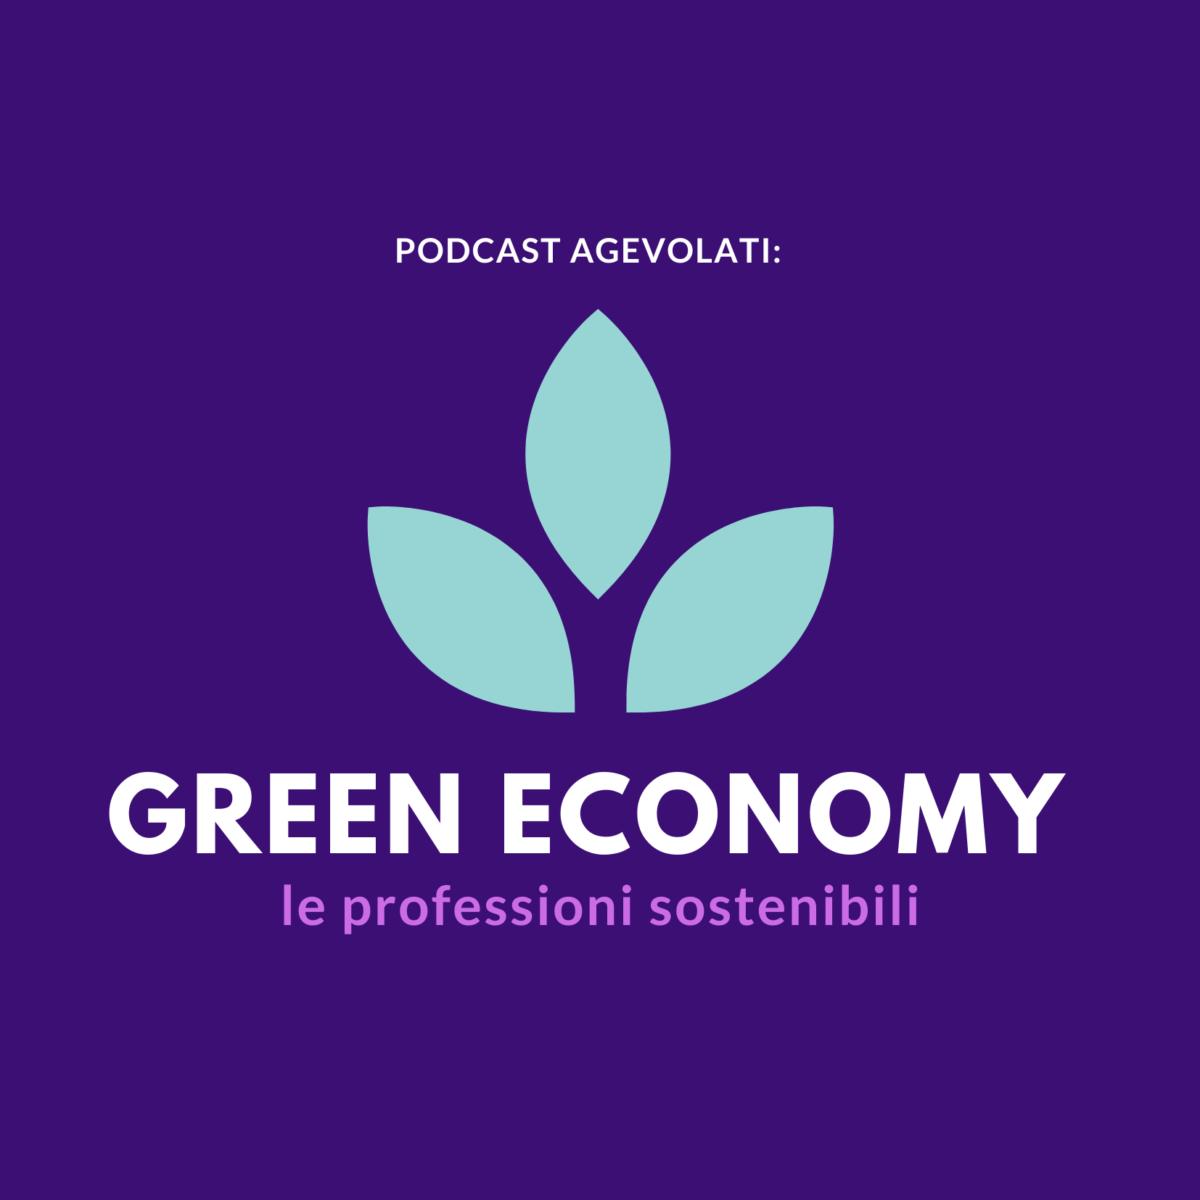 green economy: podcast agevolati, immagine in evidenza